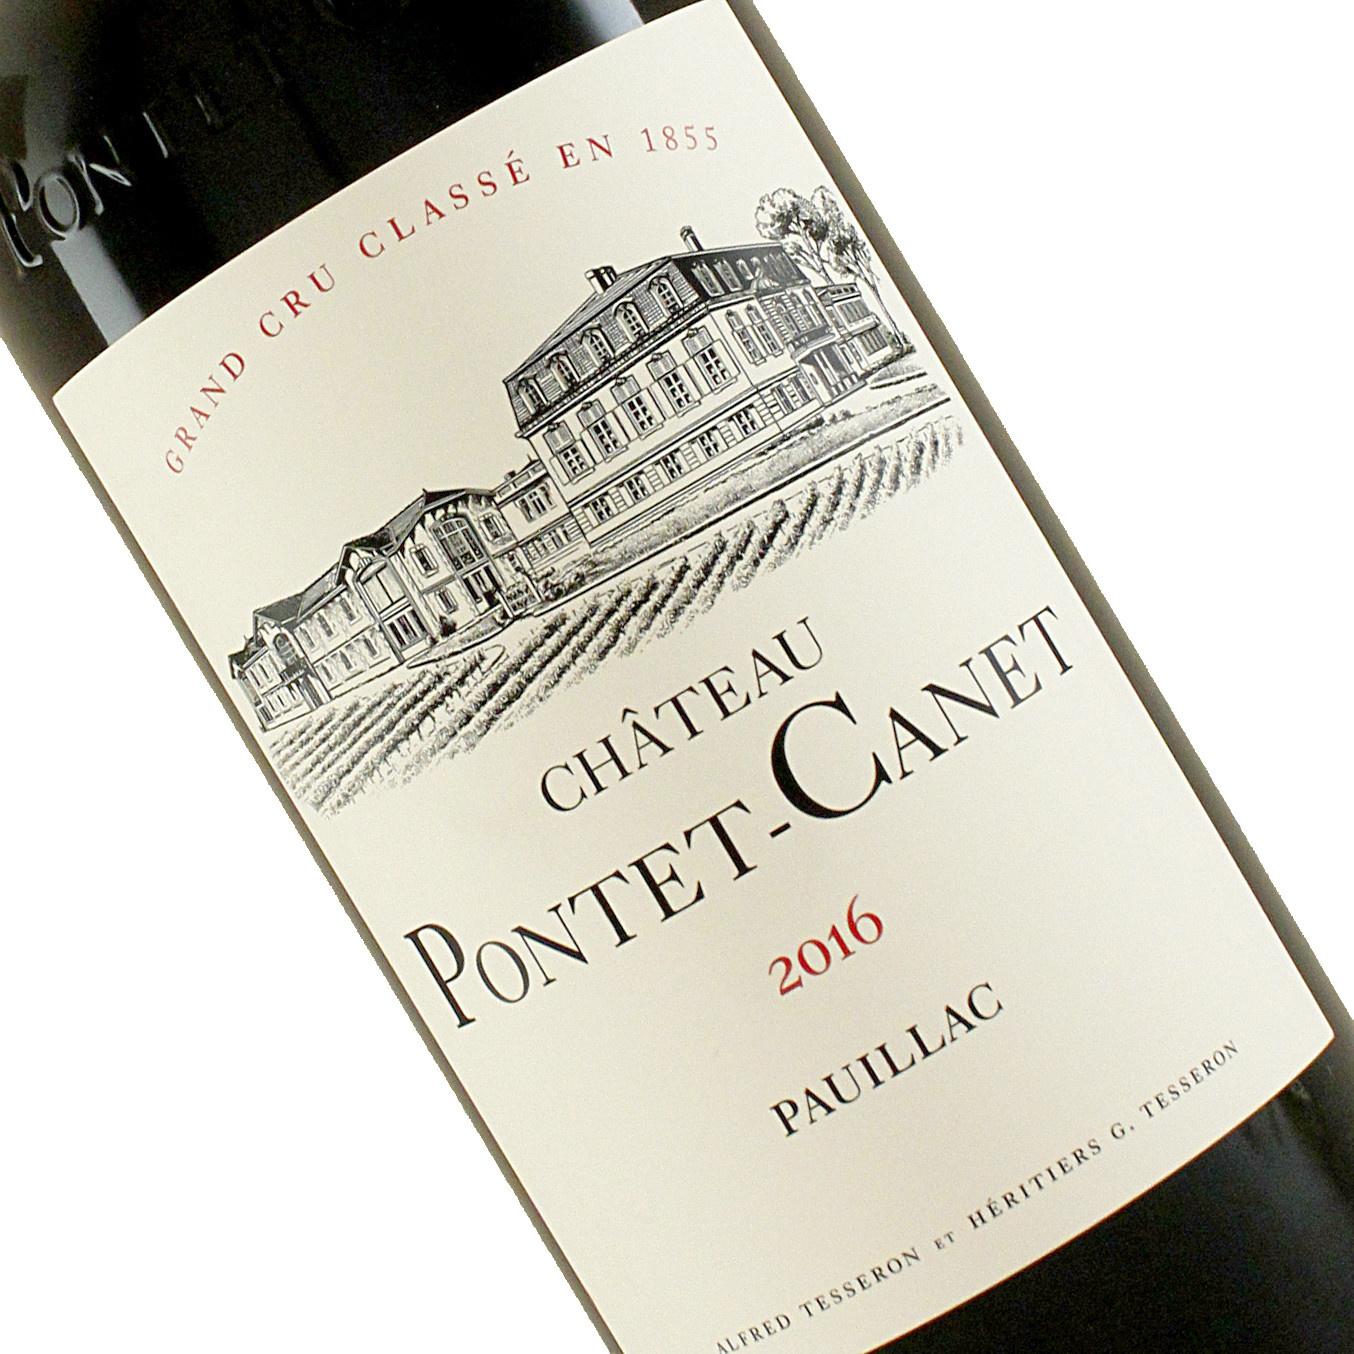 Chateau Pontet-Canet 2016 Pauillac, Bordeaux